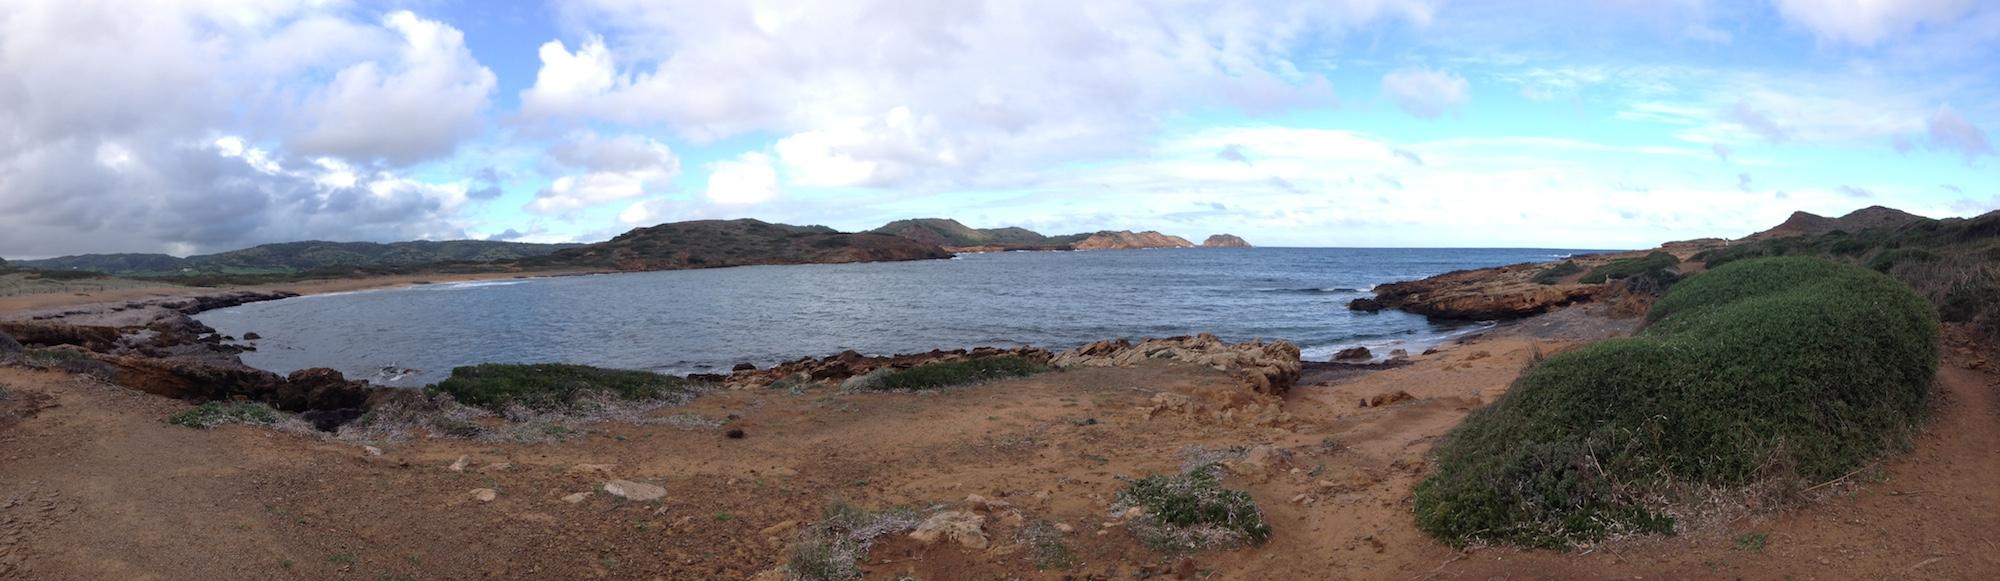 Etapa 5, playa Binimel·là